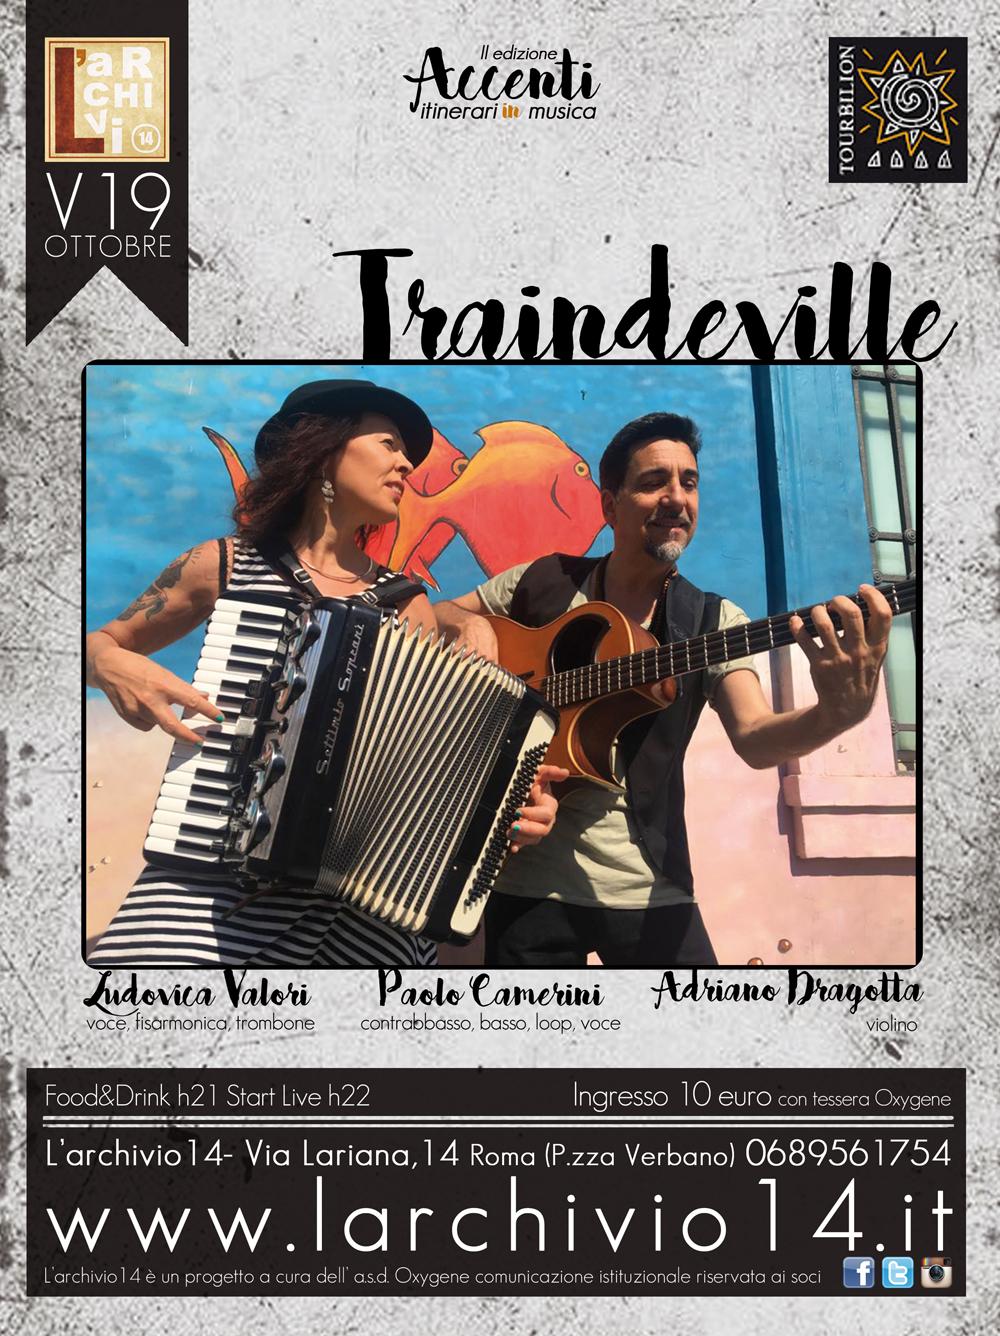 Traindeville </br> 19 ottobre h 21